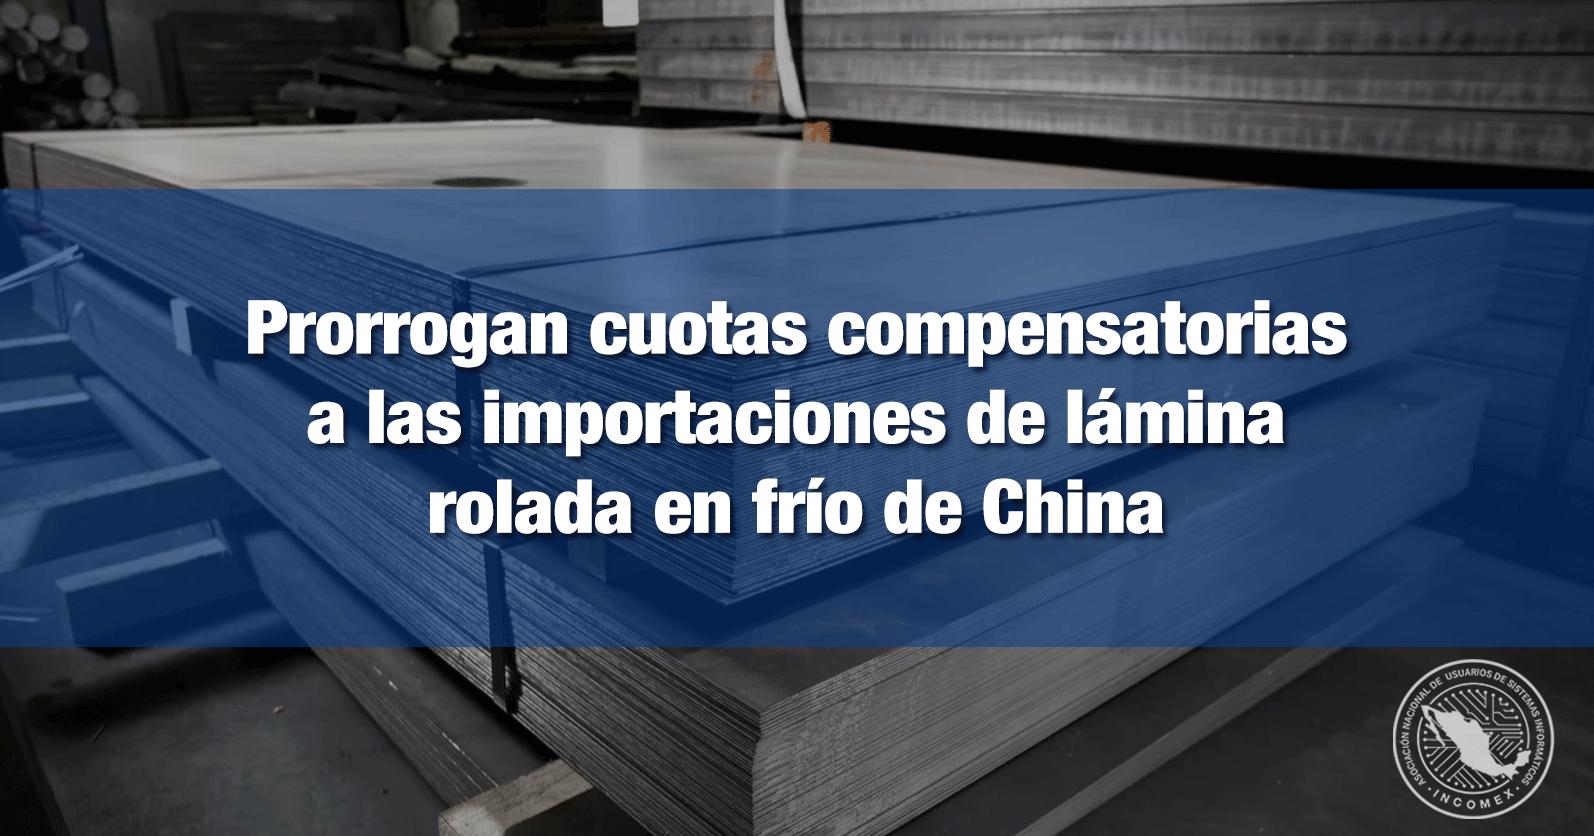 Prorrogan cuotas compensatorias a las importaciones de lámina rolada en frío de China